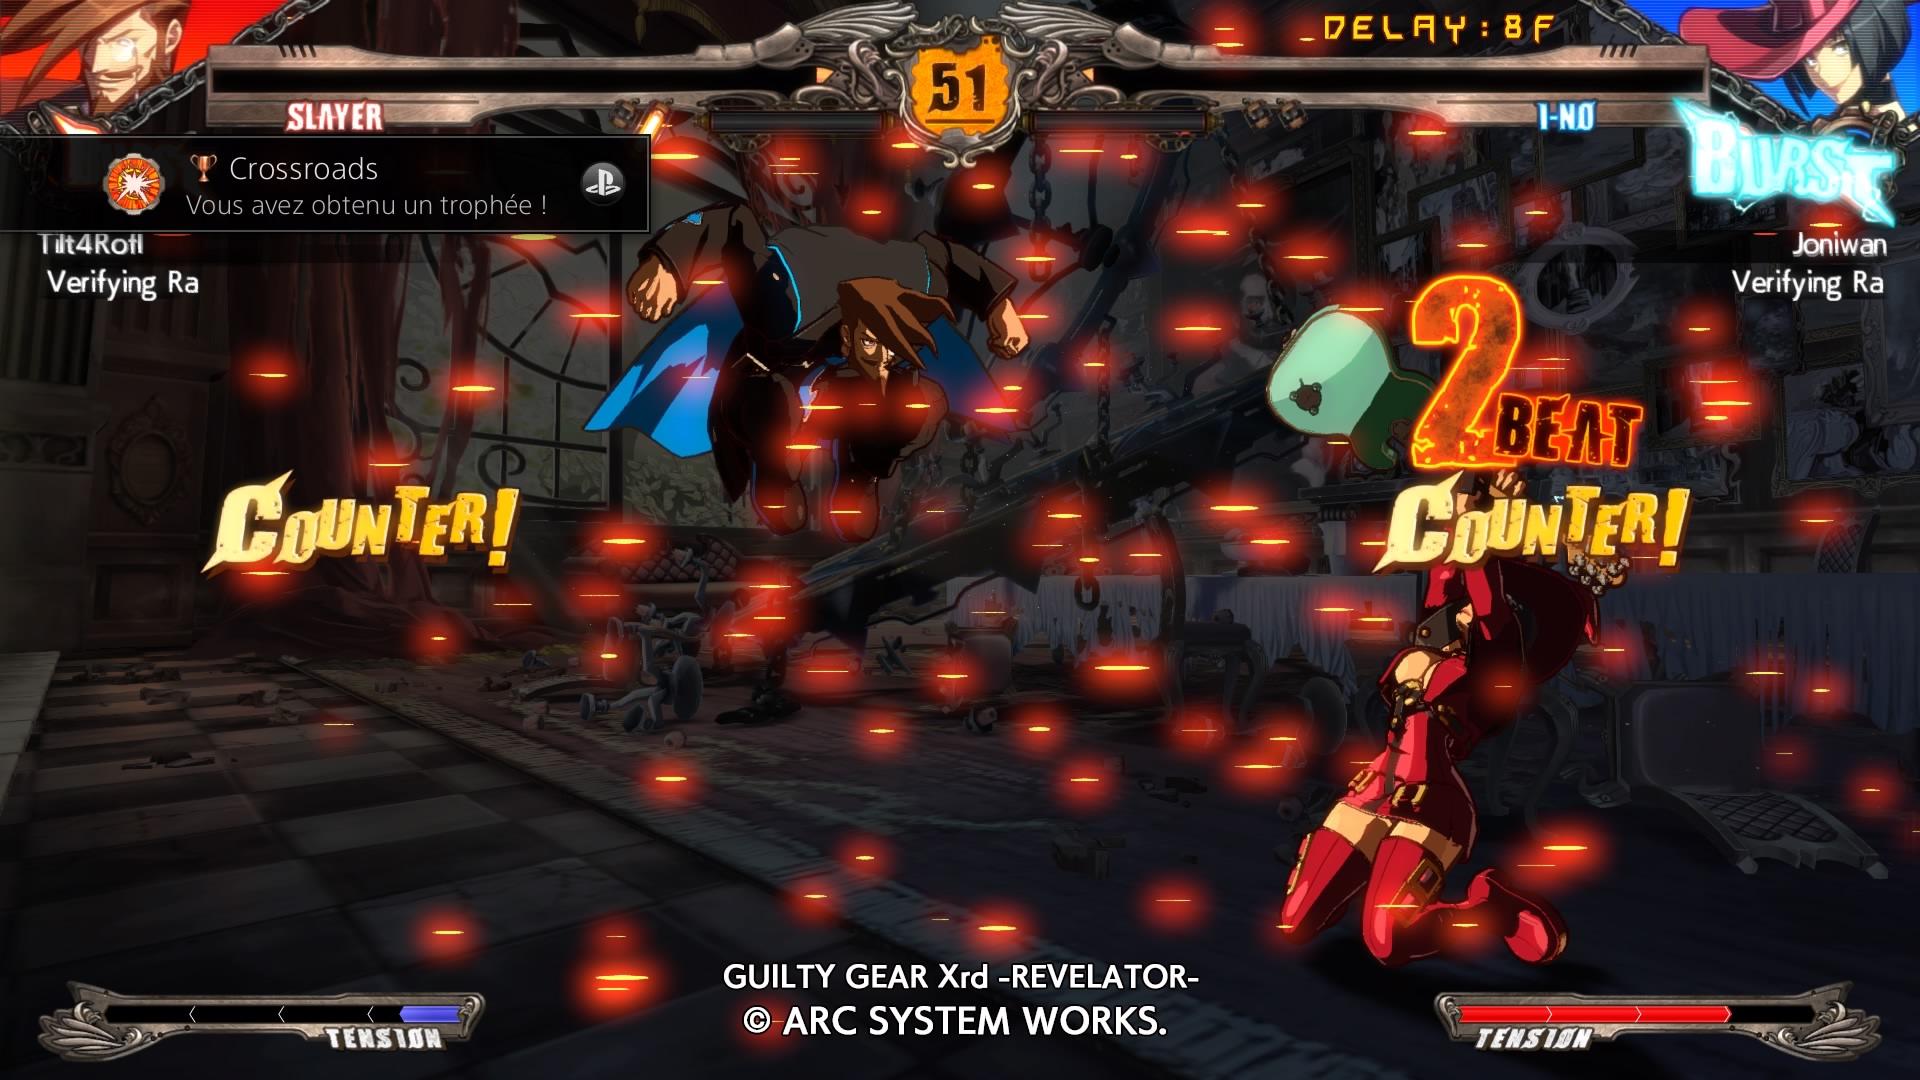 GuiltyGearXrd-Revelator PS4 Test 041